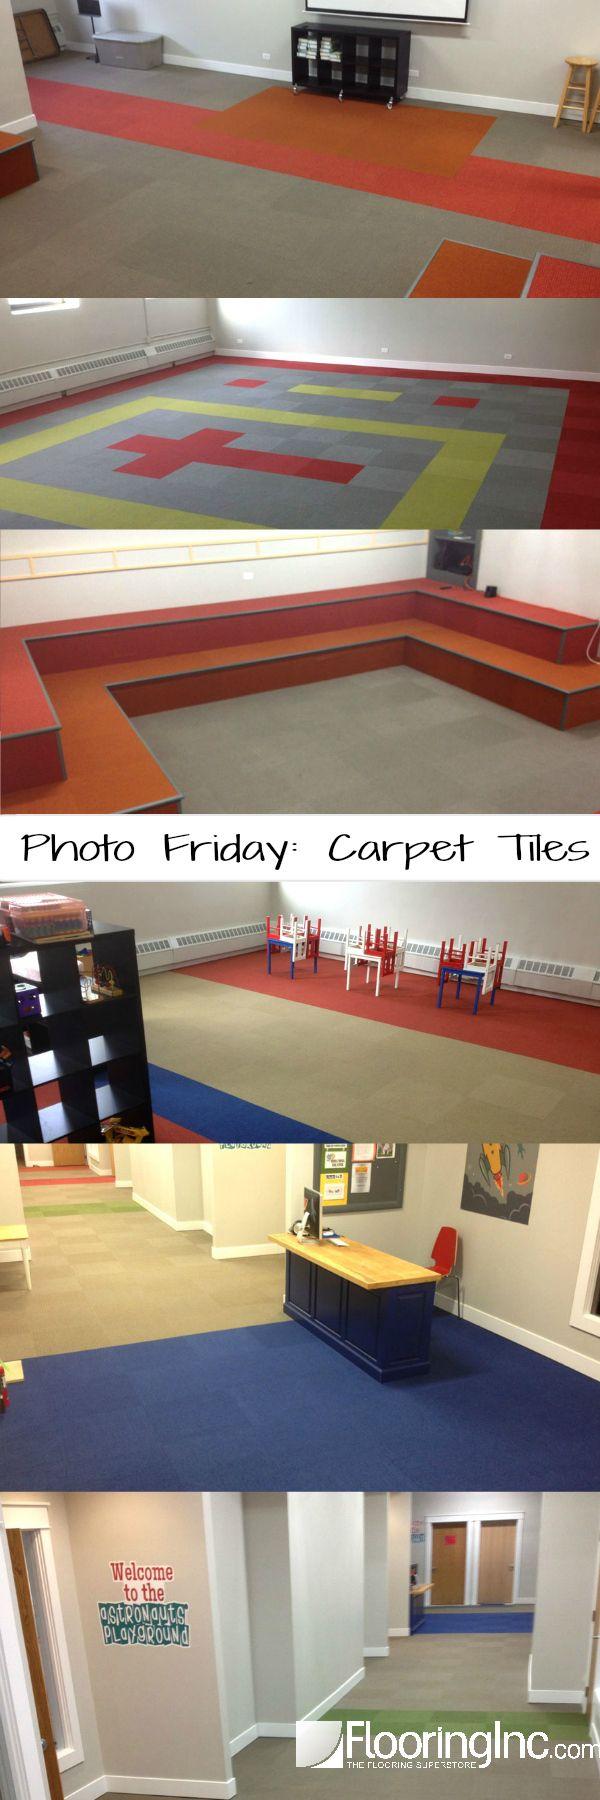 Harley color carpet tiles - Photo Friday Carpet Tilestile